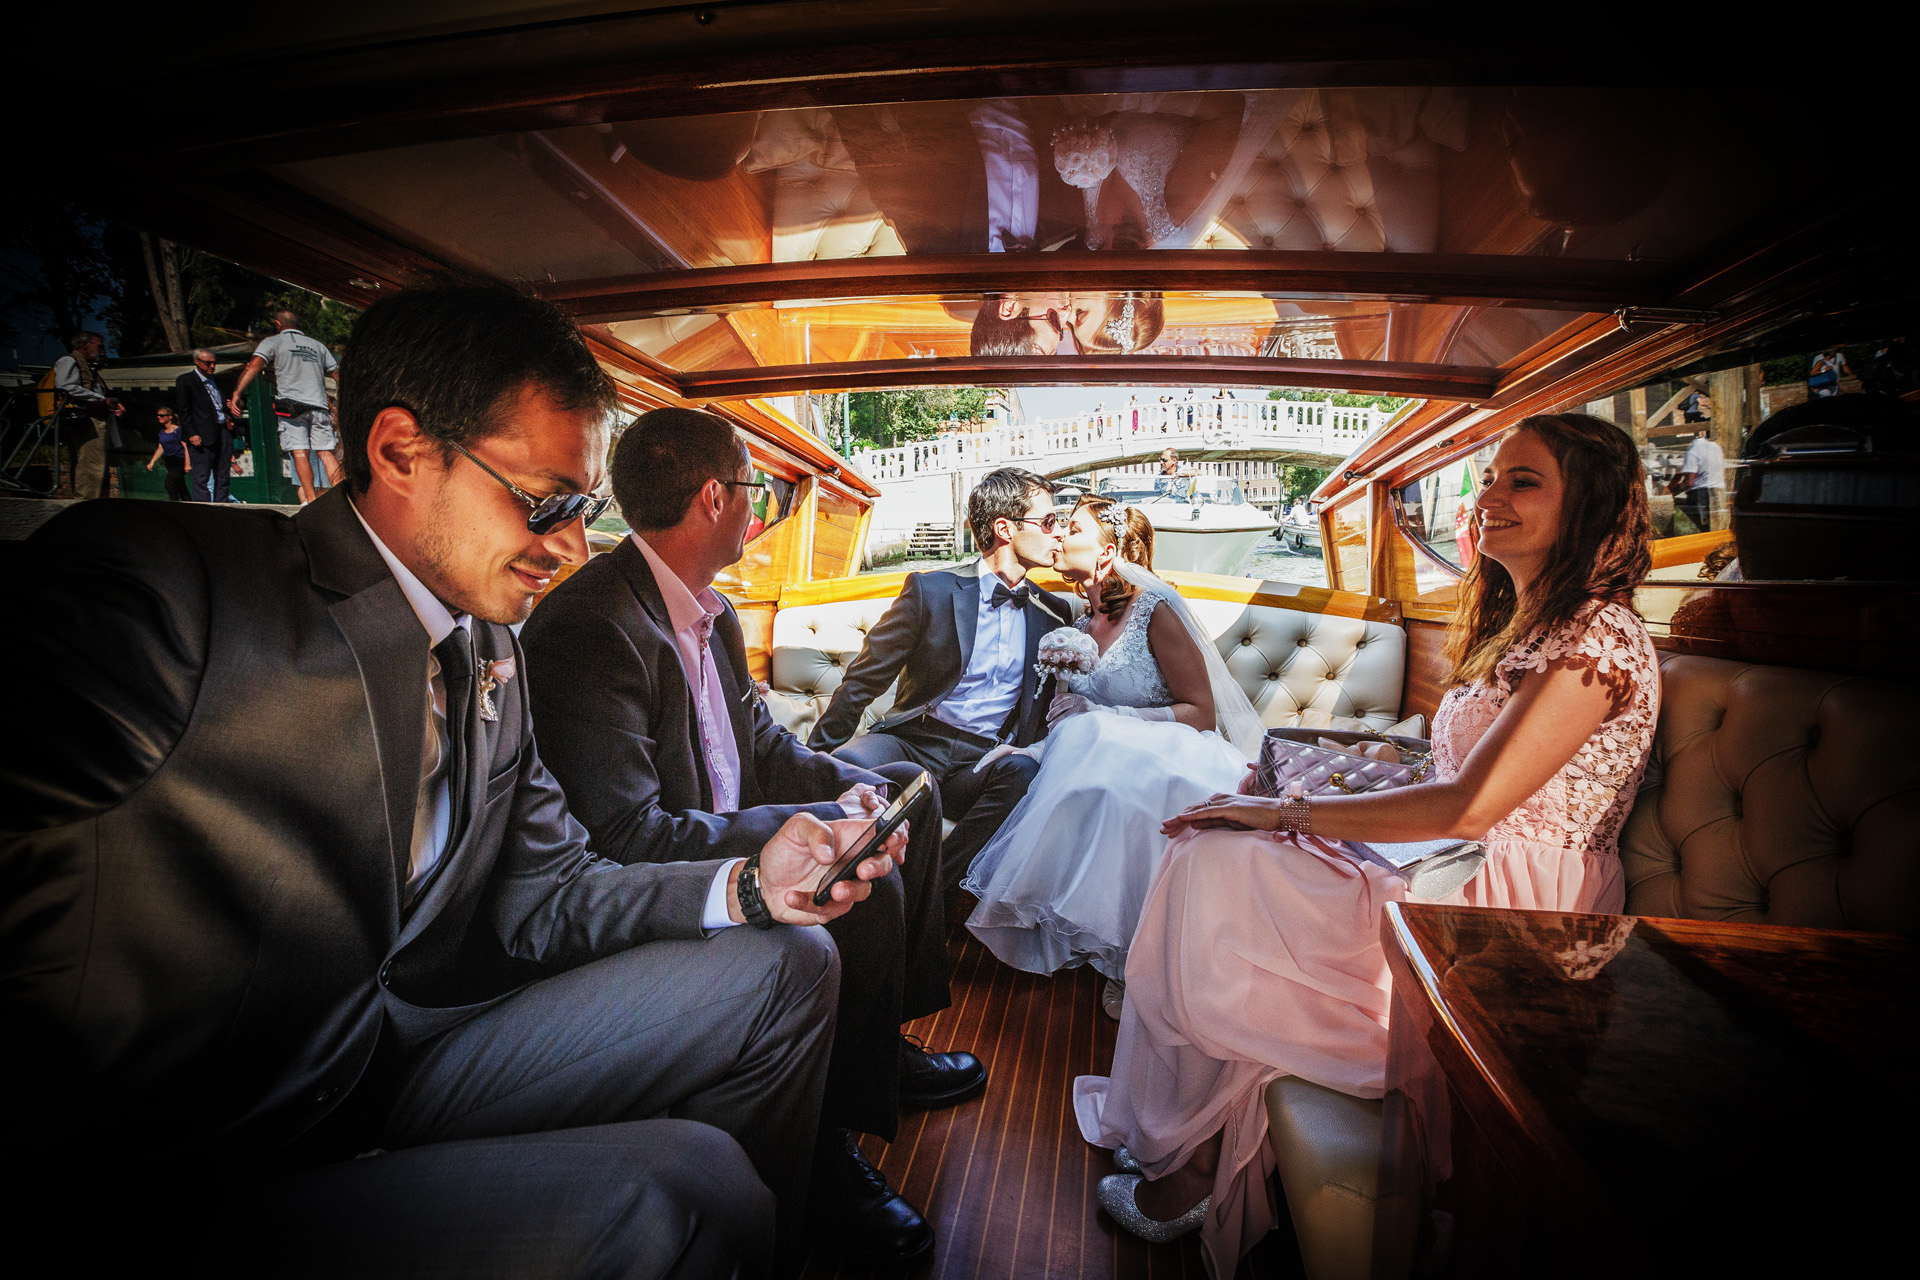 Elopement Photo de Venise, Italie   Atteindre le lieu de la cérémonie de mariage en bateau.